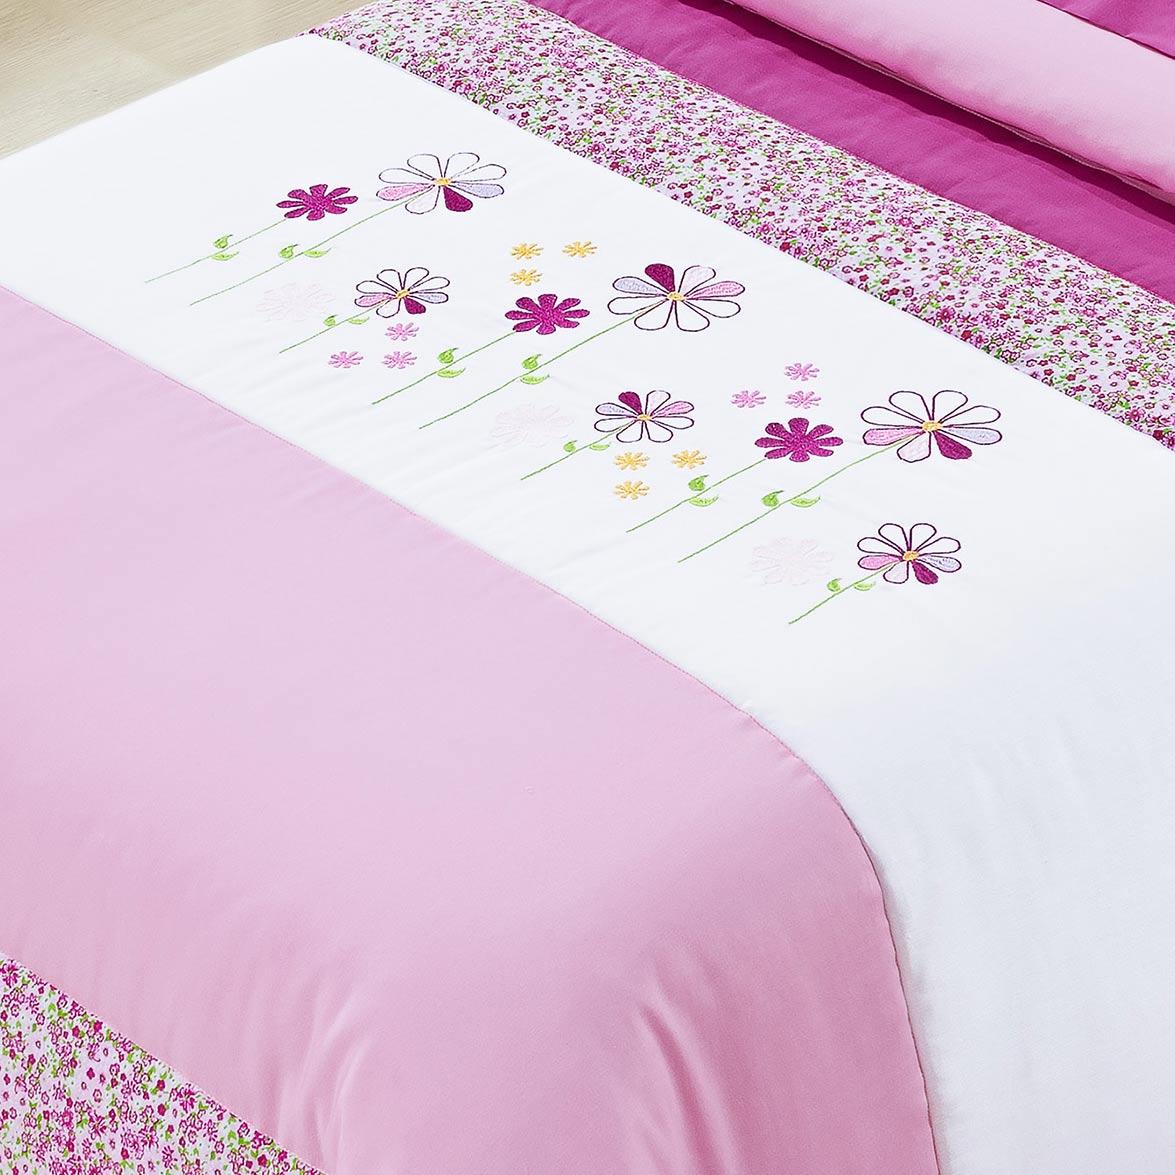 Kit Cobre leito + Travesseiro Solteiro Lilly Rosa em Algodão e Poliéster com 3 peça